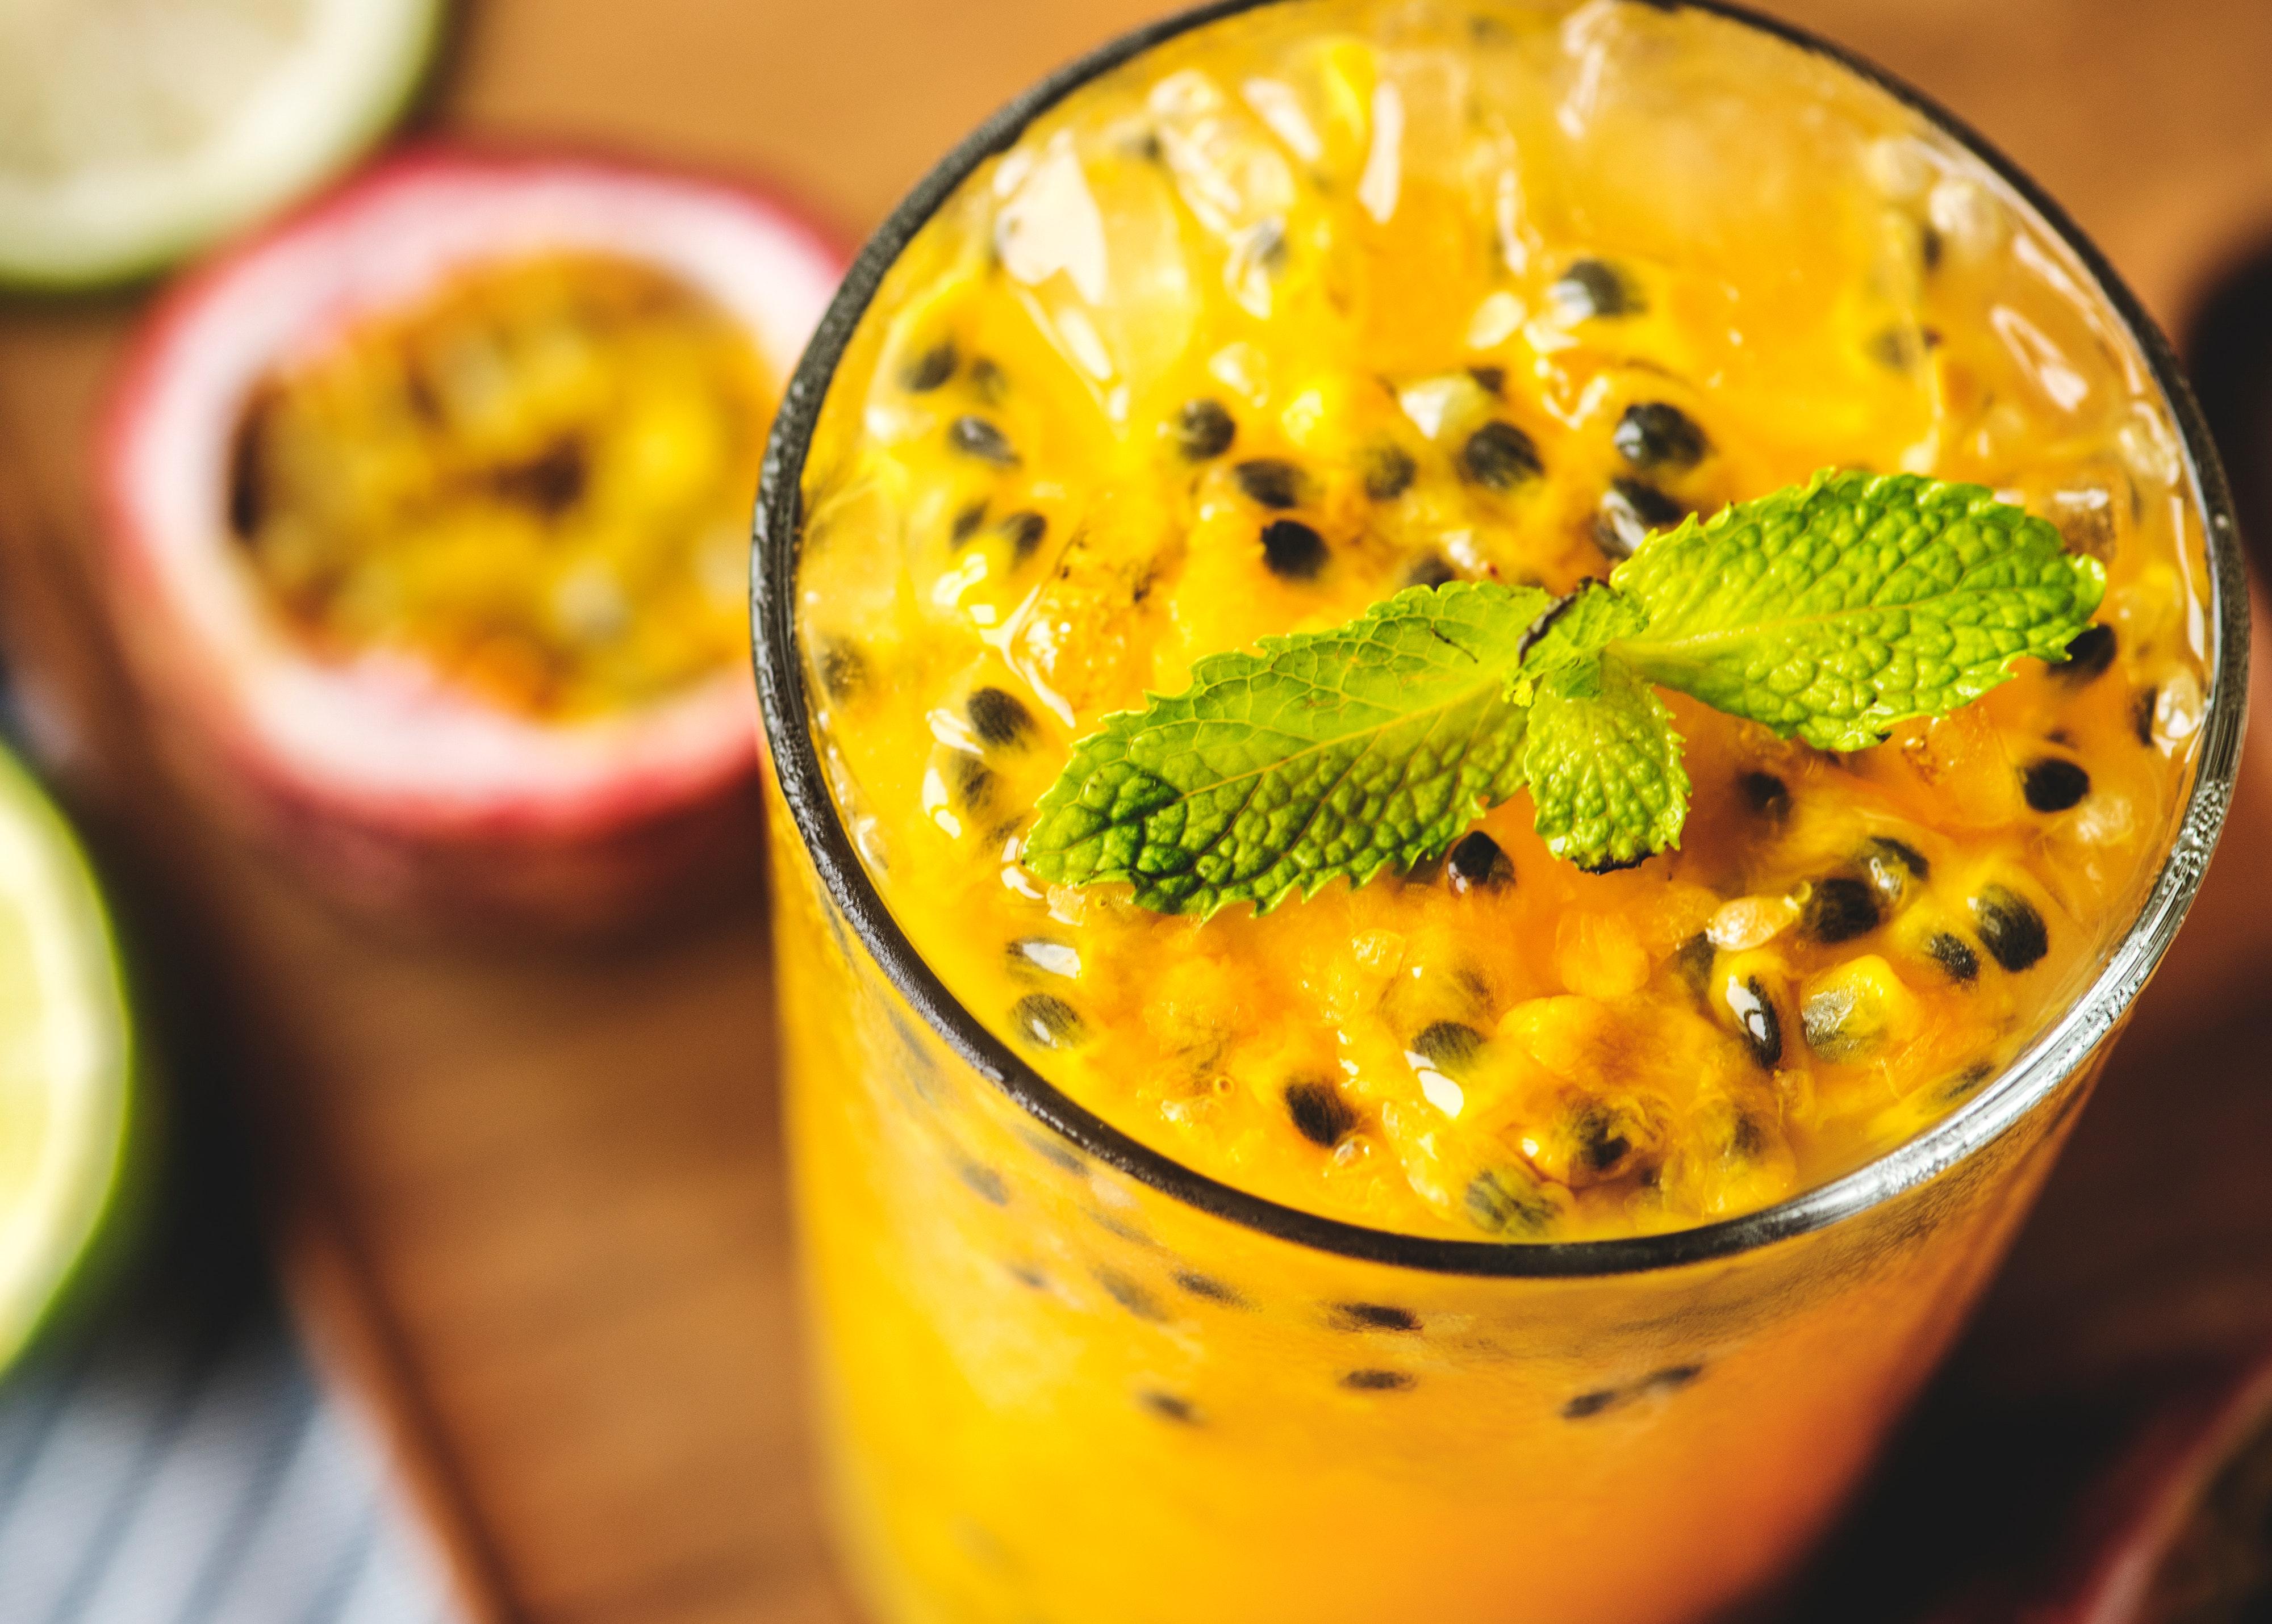 beverage-blended-cocktail-1157861